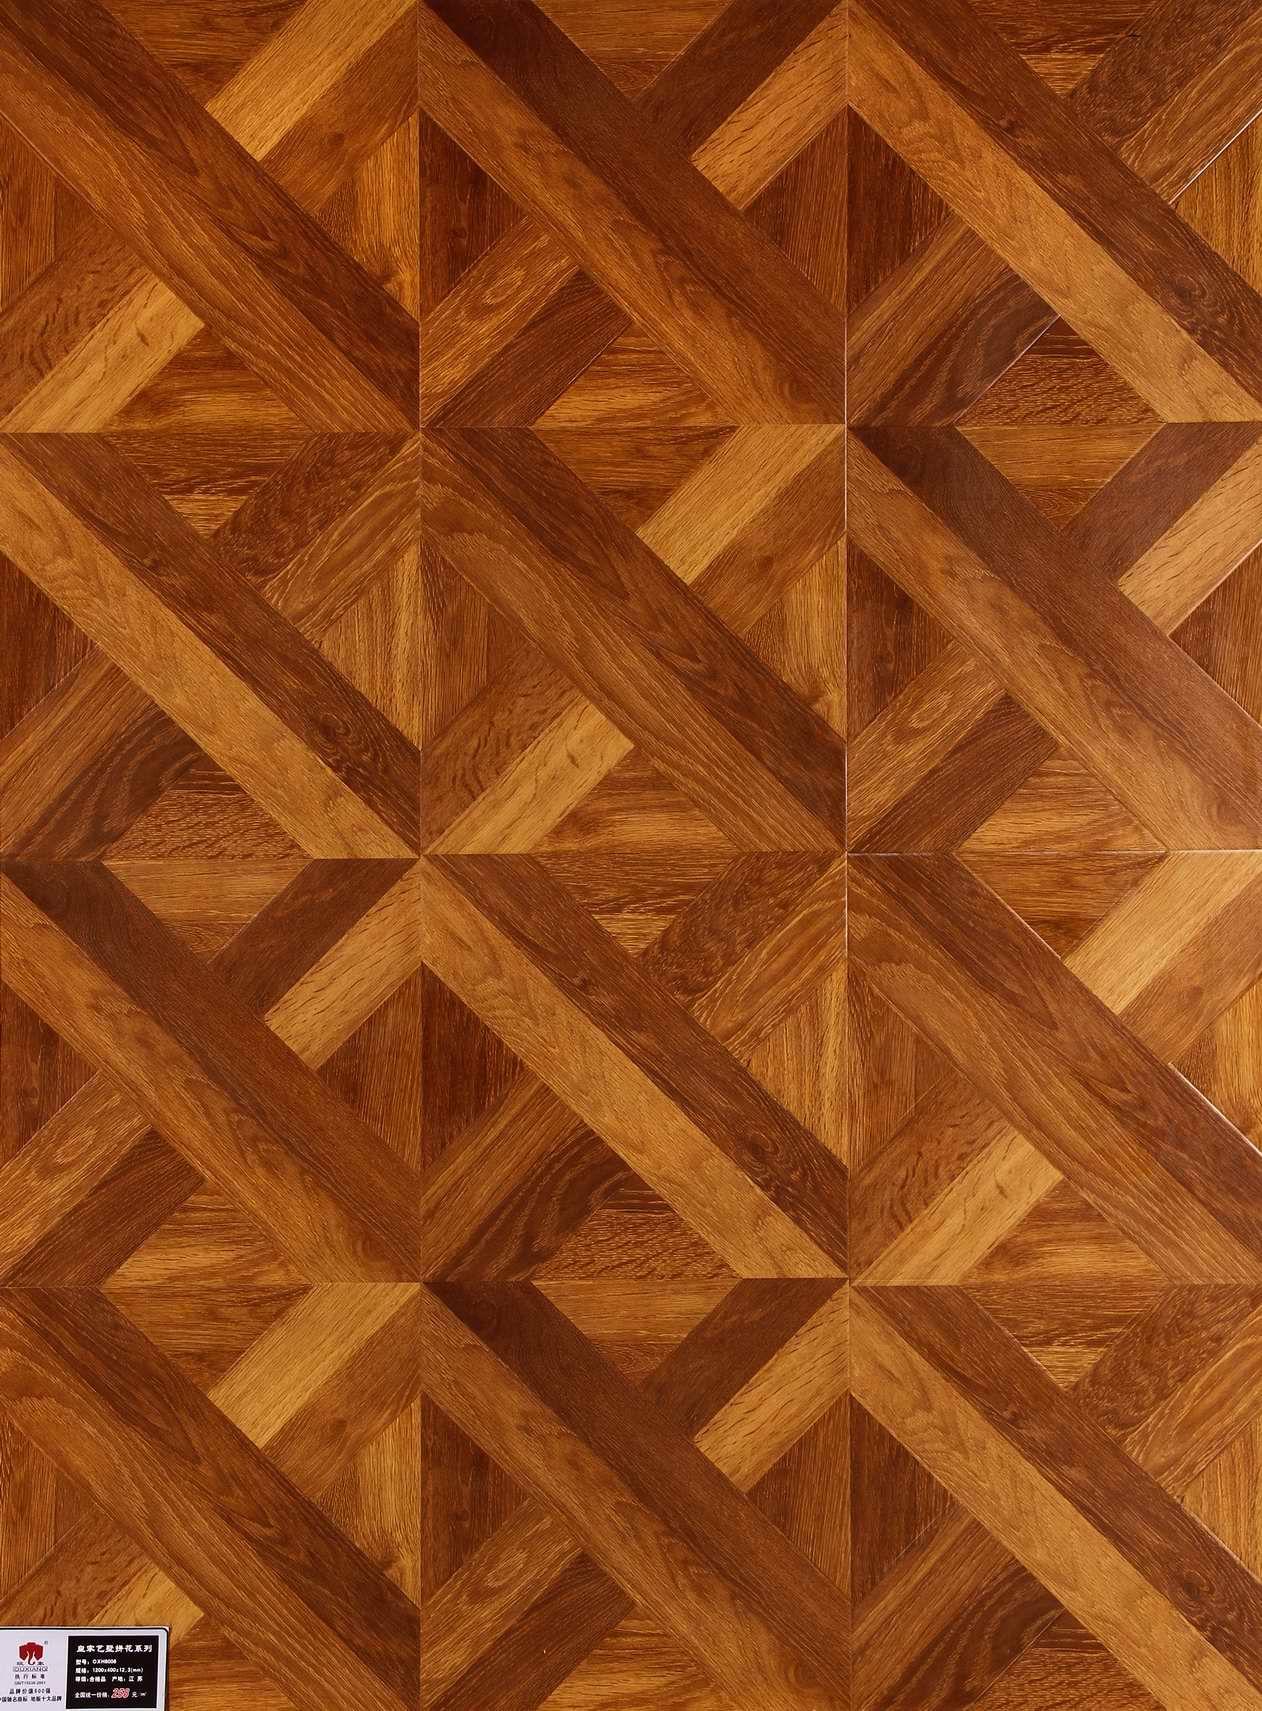 parquet flooring  China Parquet Flooring OXH8006